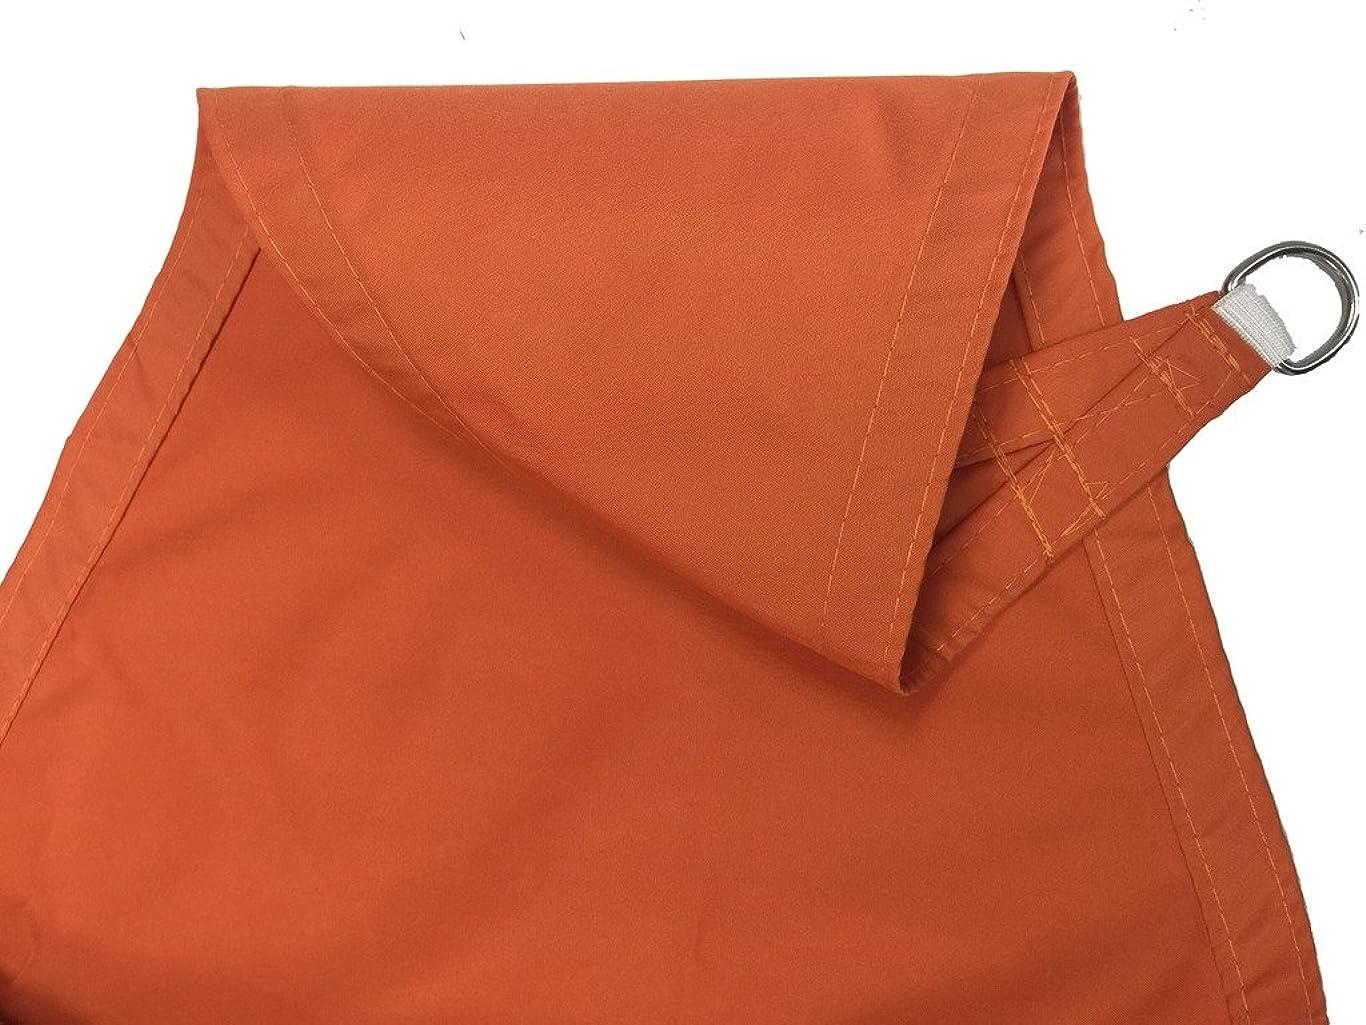 征服土地束ねるCaday 正三角形3.6mX3.6mX3.6mオレンジ日除けセイル(耐水性)- 紫外線98%カット ベランダ/中庭/プール/ガレージ用